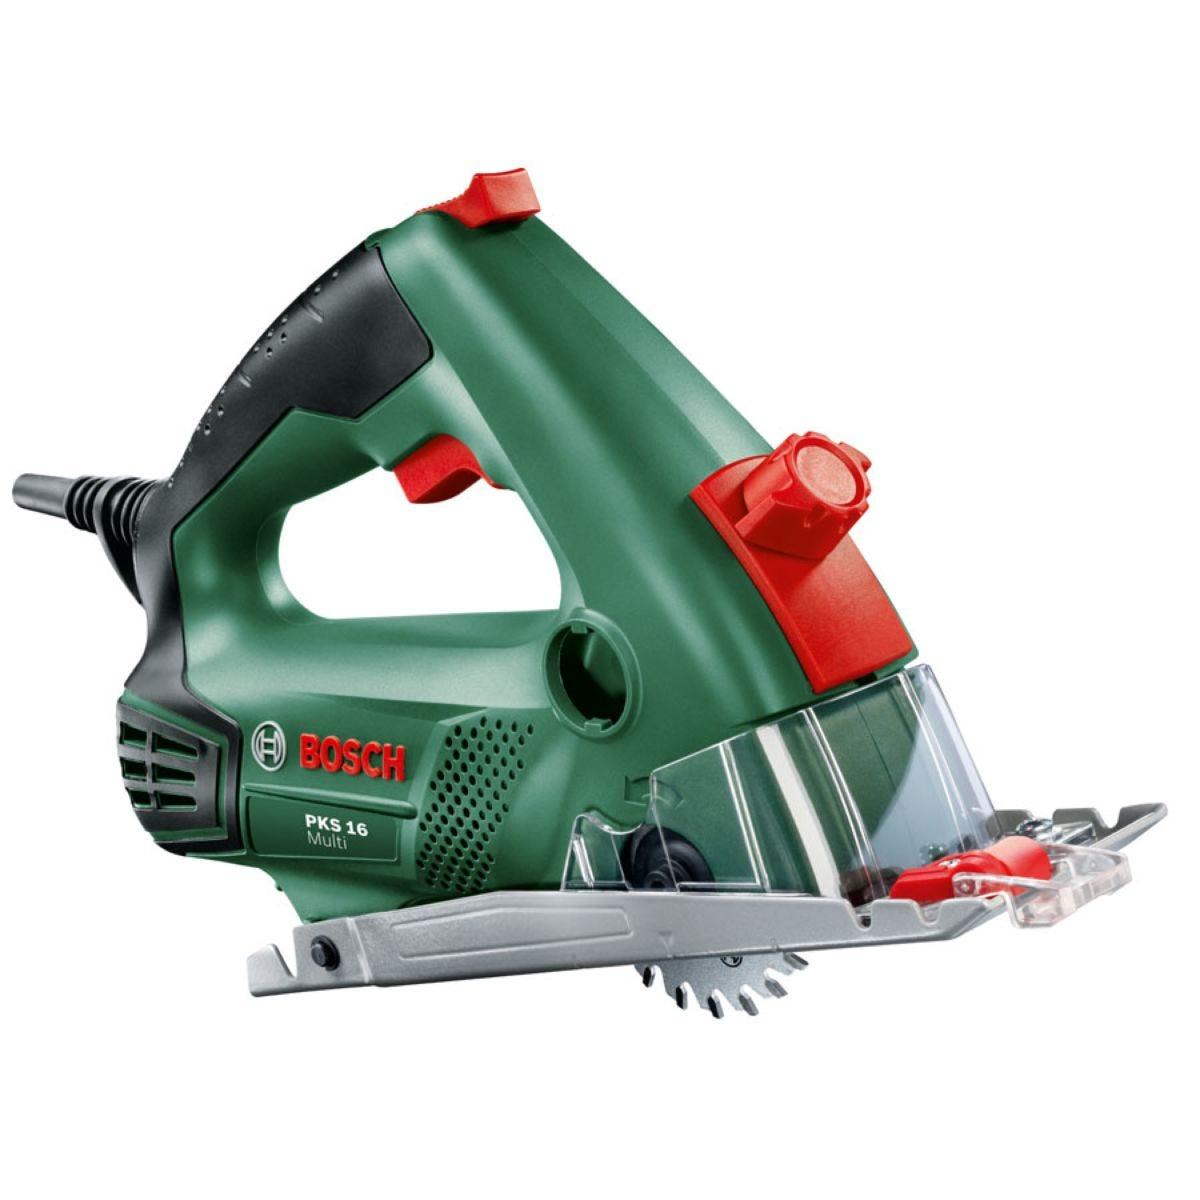 Bosch PKS 16 400W Multi Saw